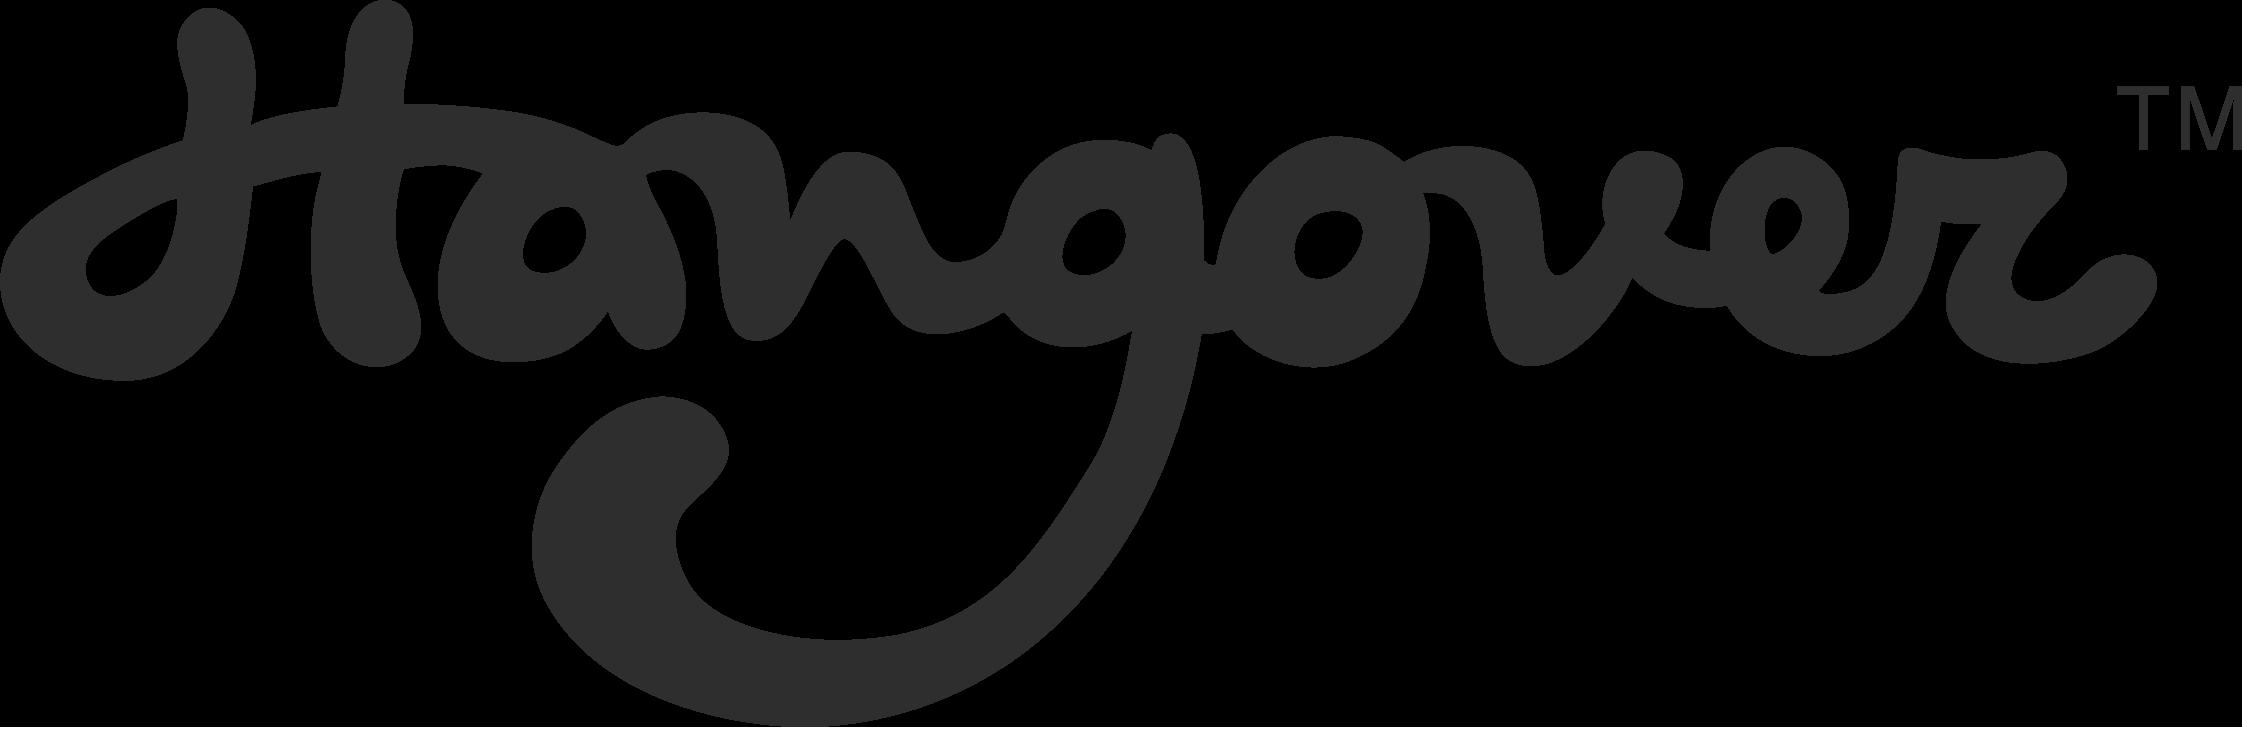 לוגו ערסל הנגאוסר